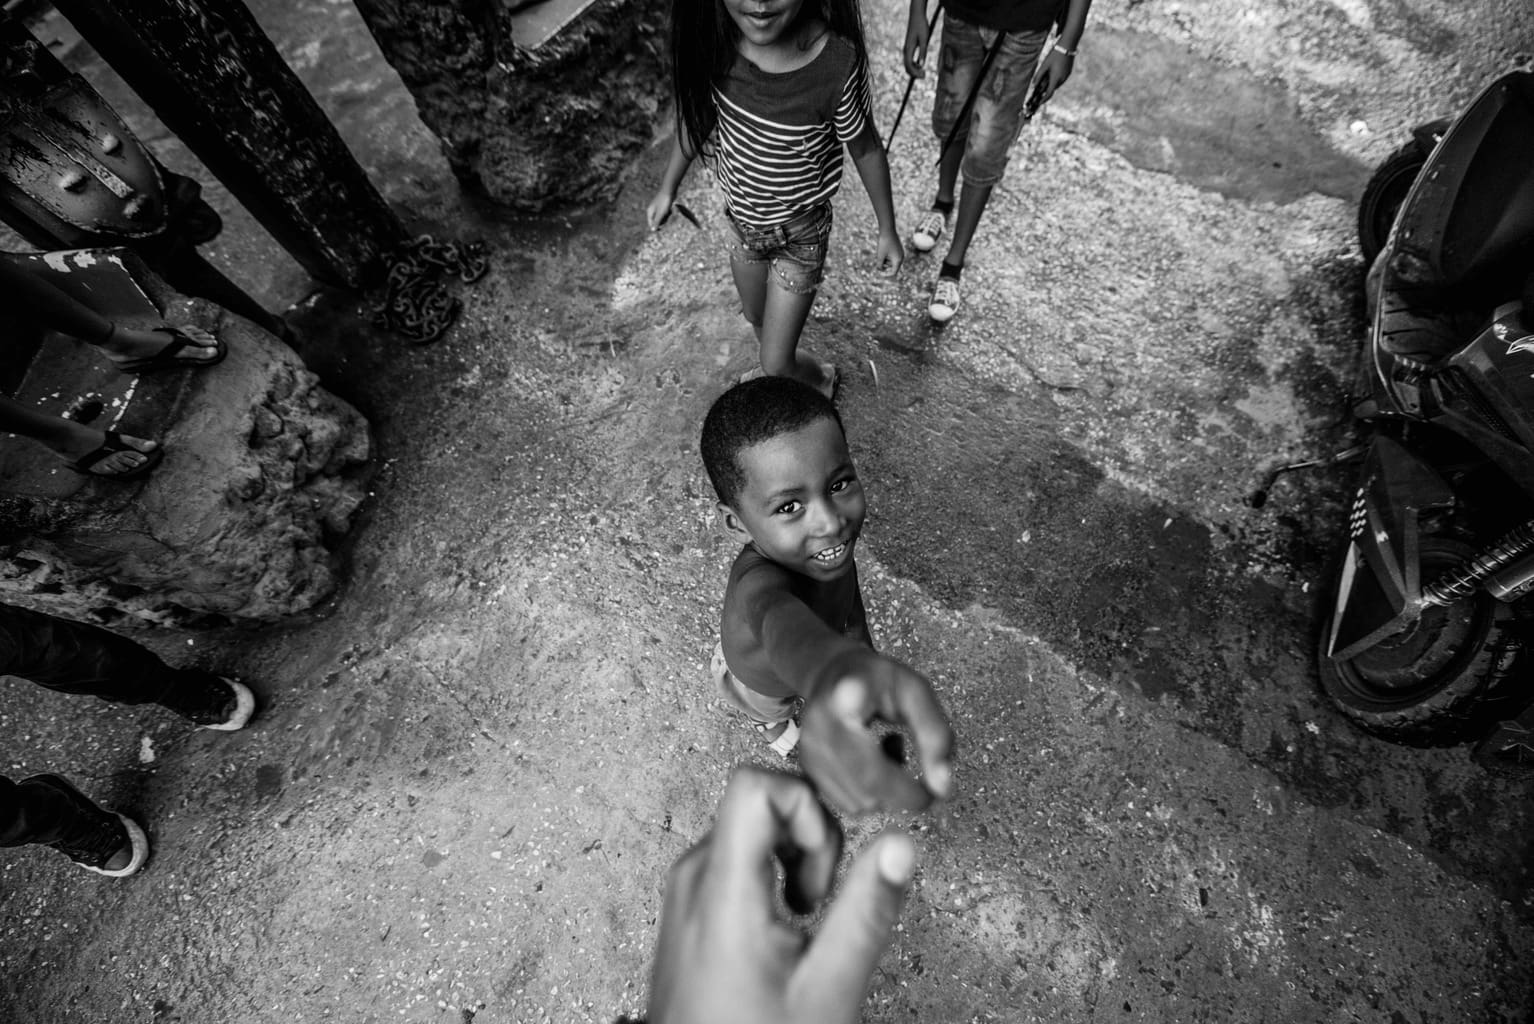 Fotografía documental de viajes con niño desde arriba en blanco y negro